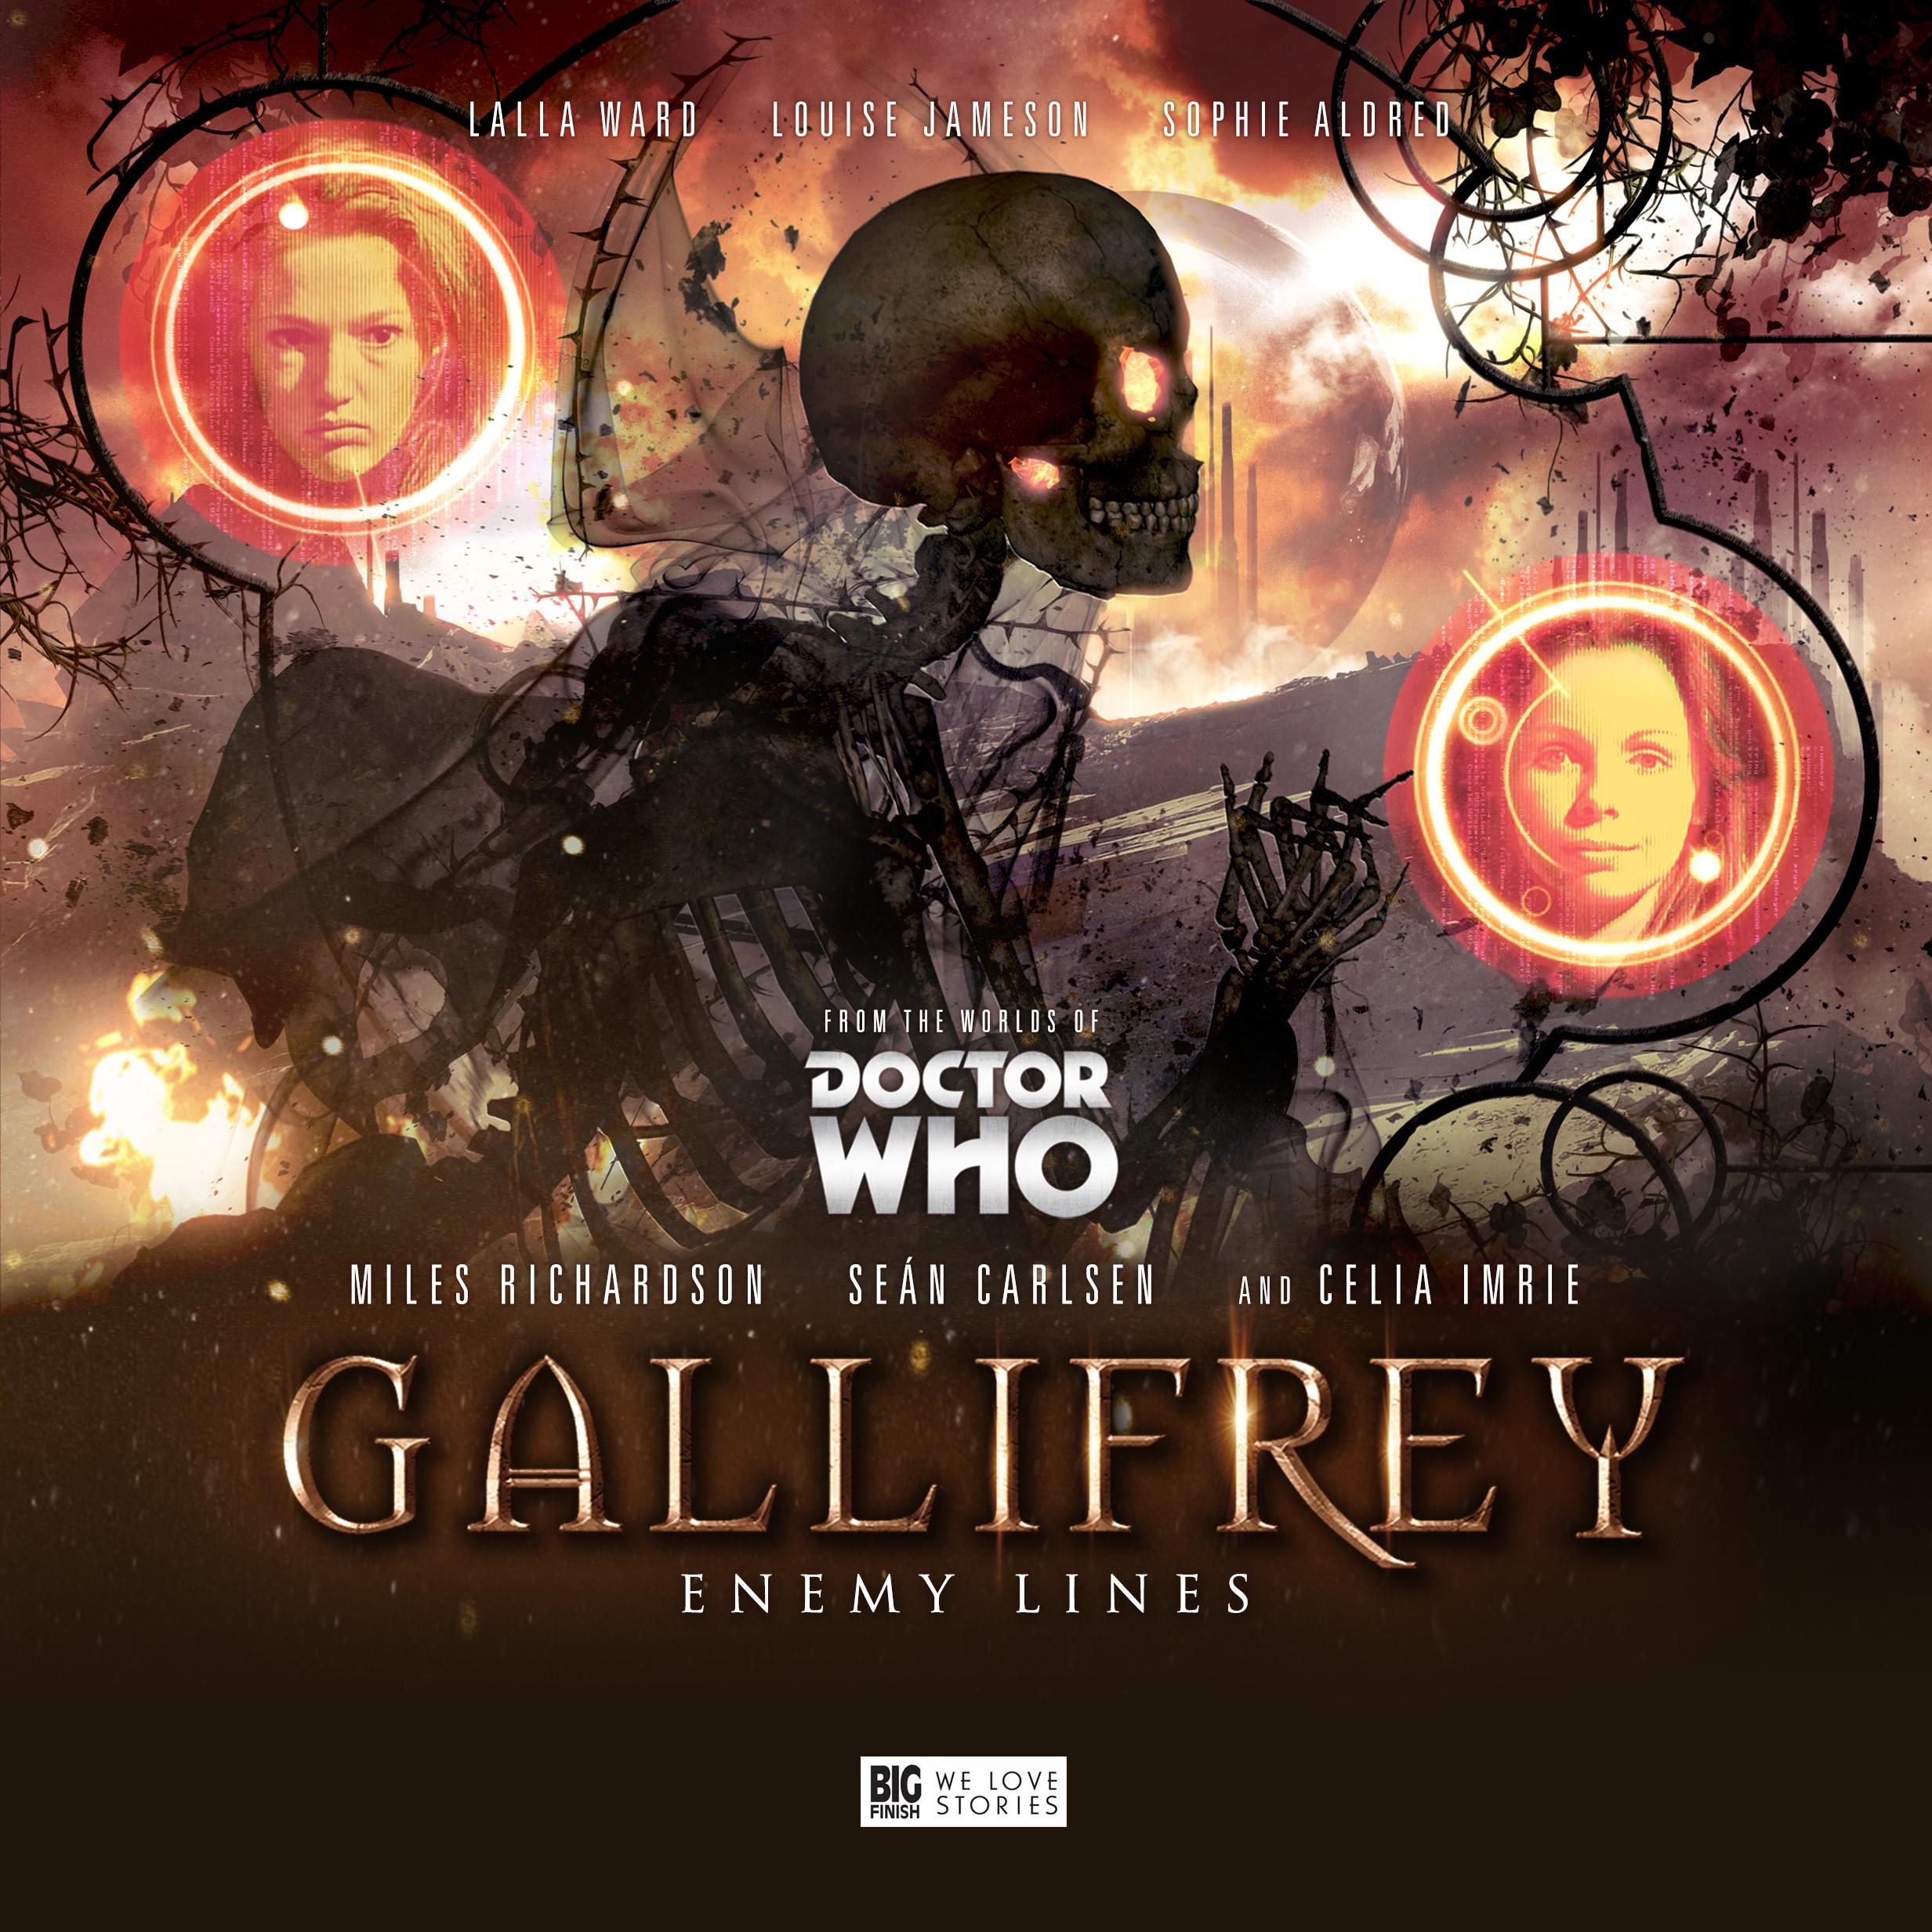 Gallifrey [8] Enemy Lines - David Llewellyn